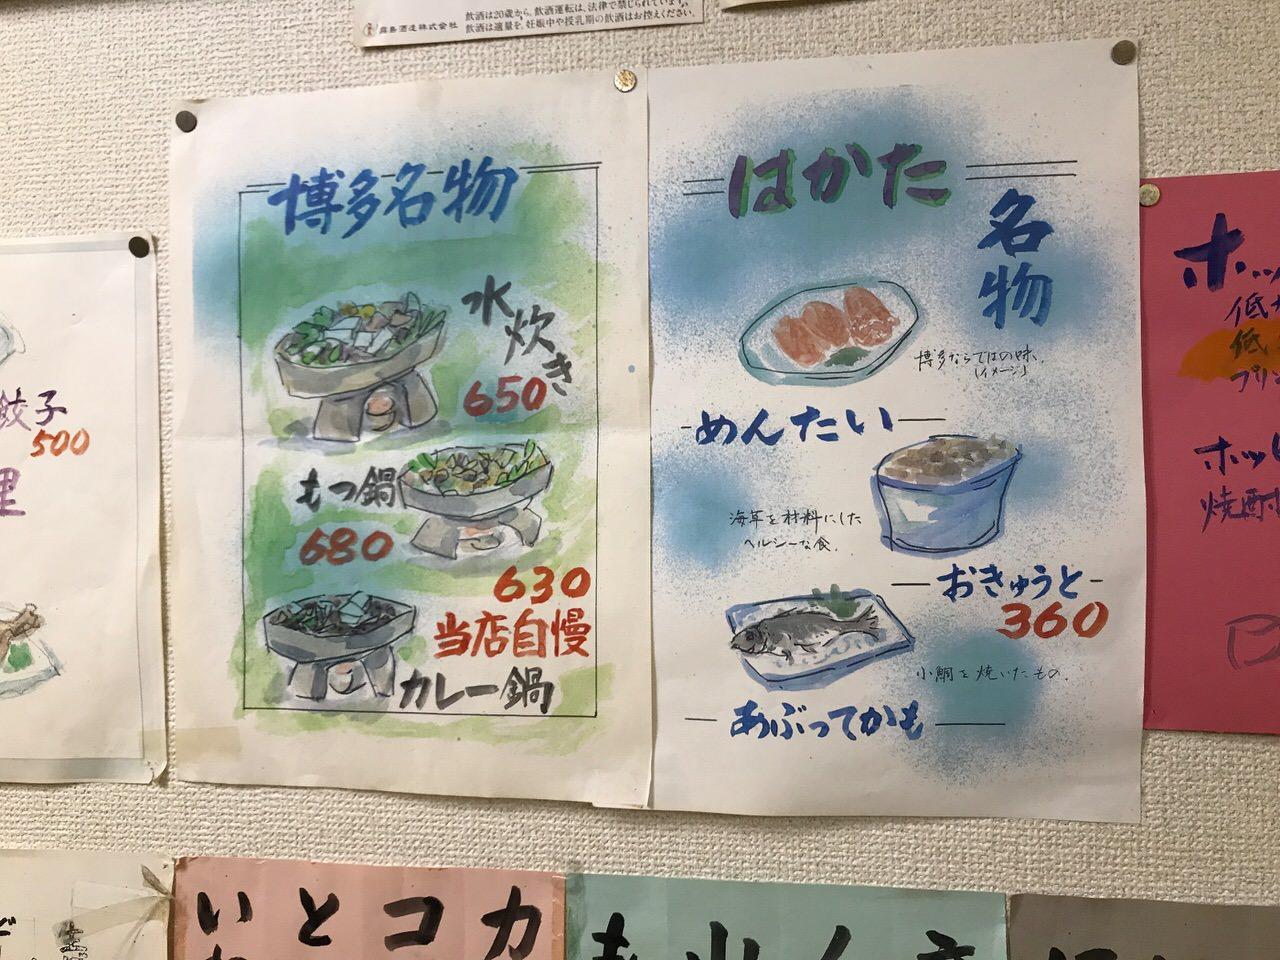 Sake1ban 681